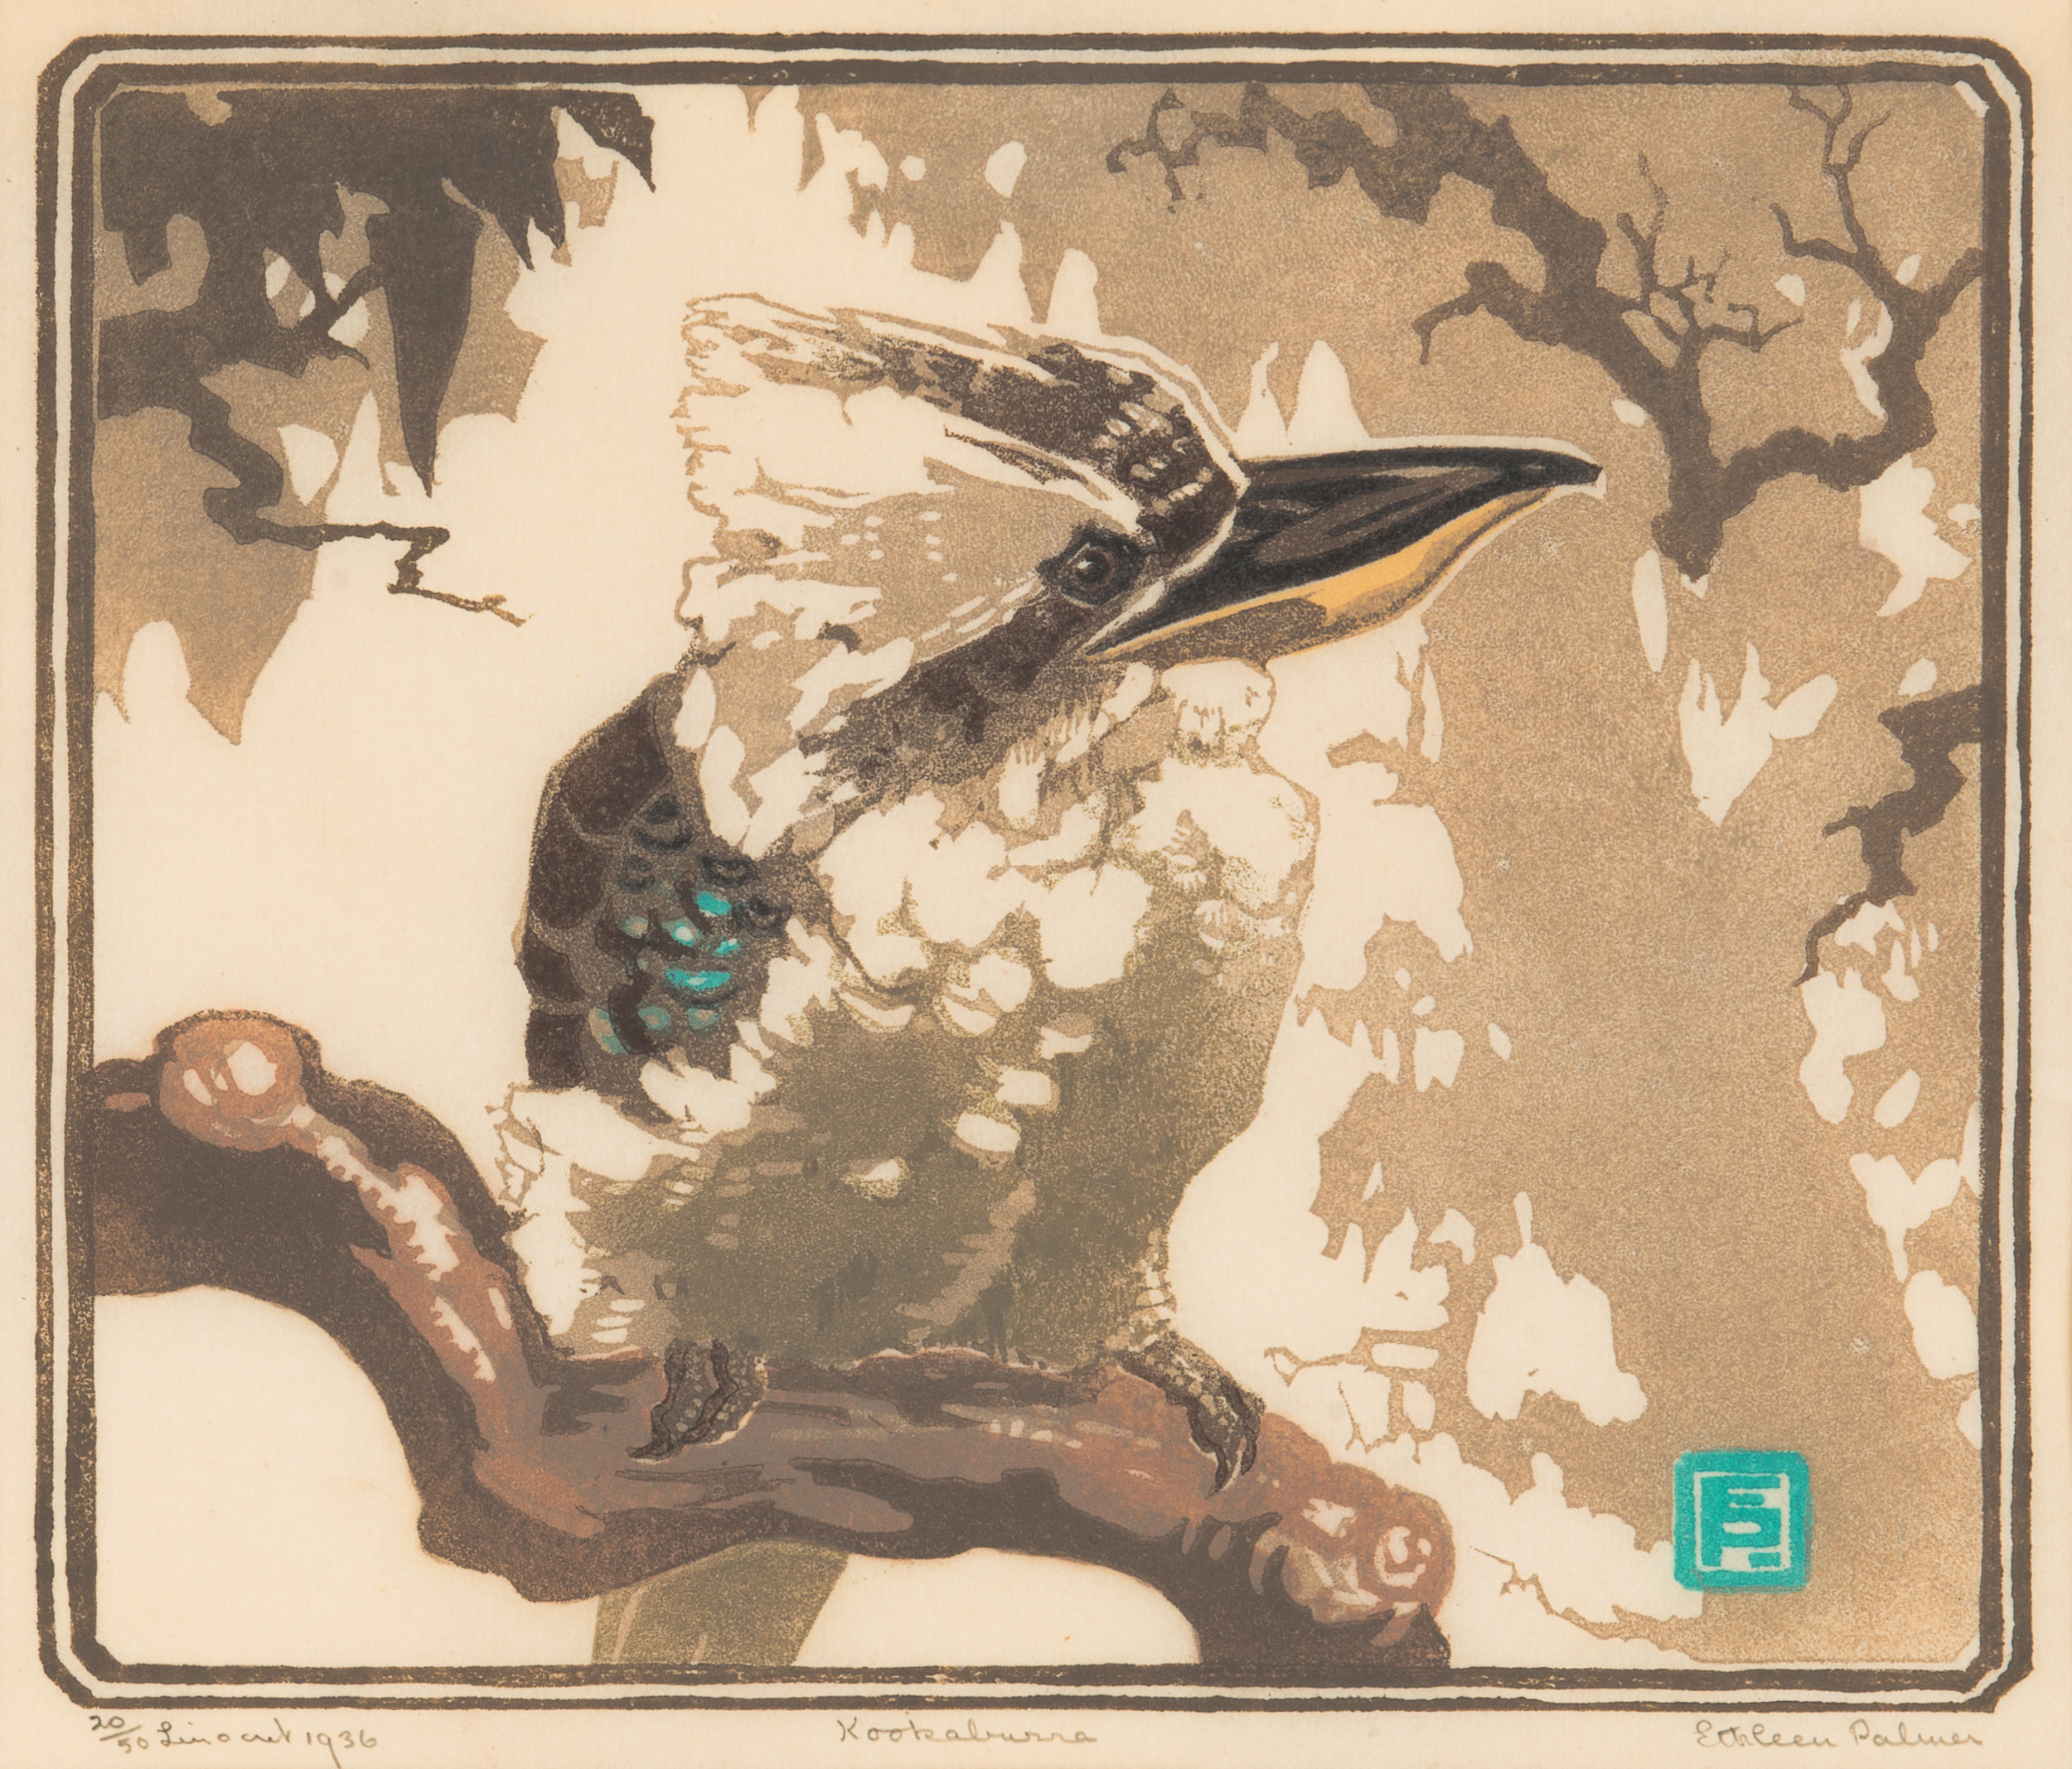 Ethleen Palmer - Kookaburra 1936